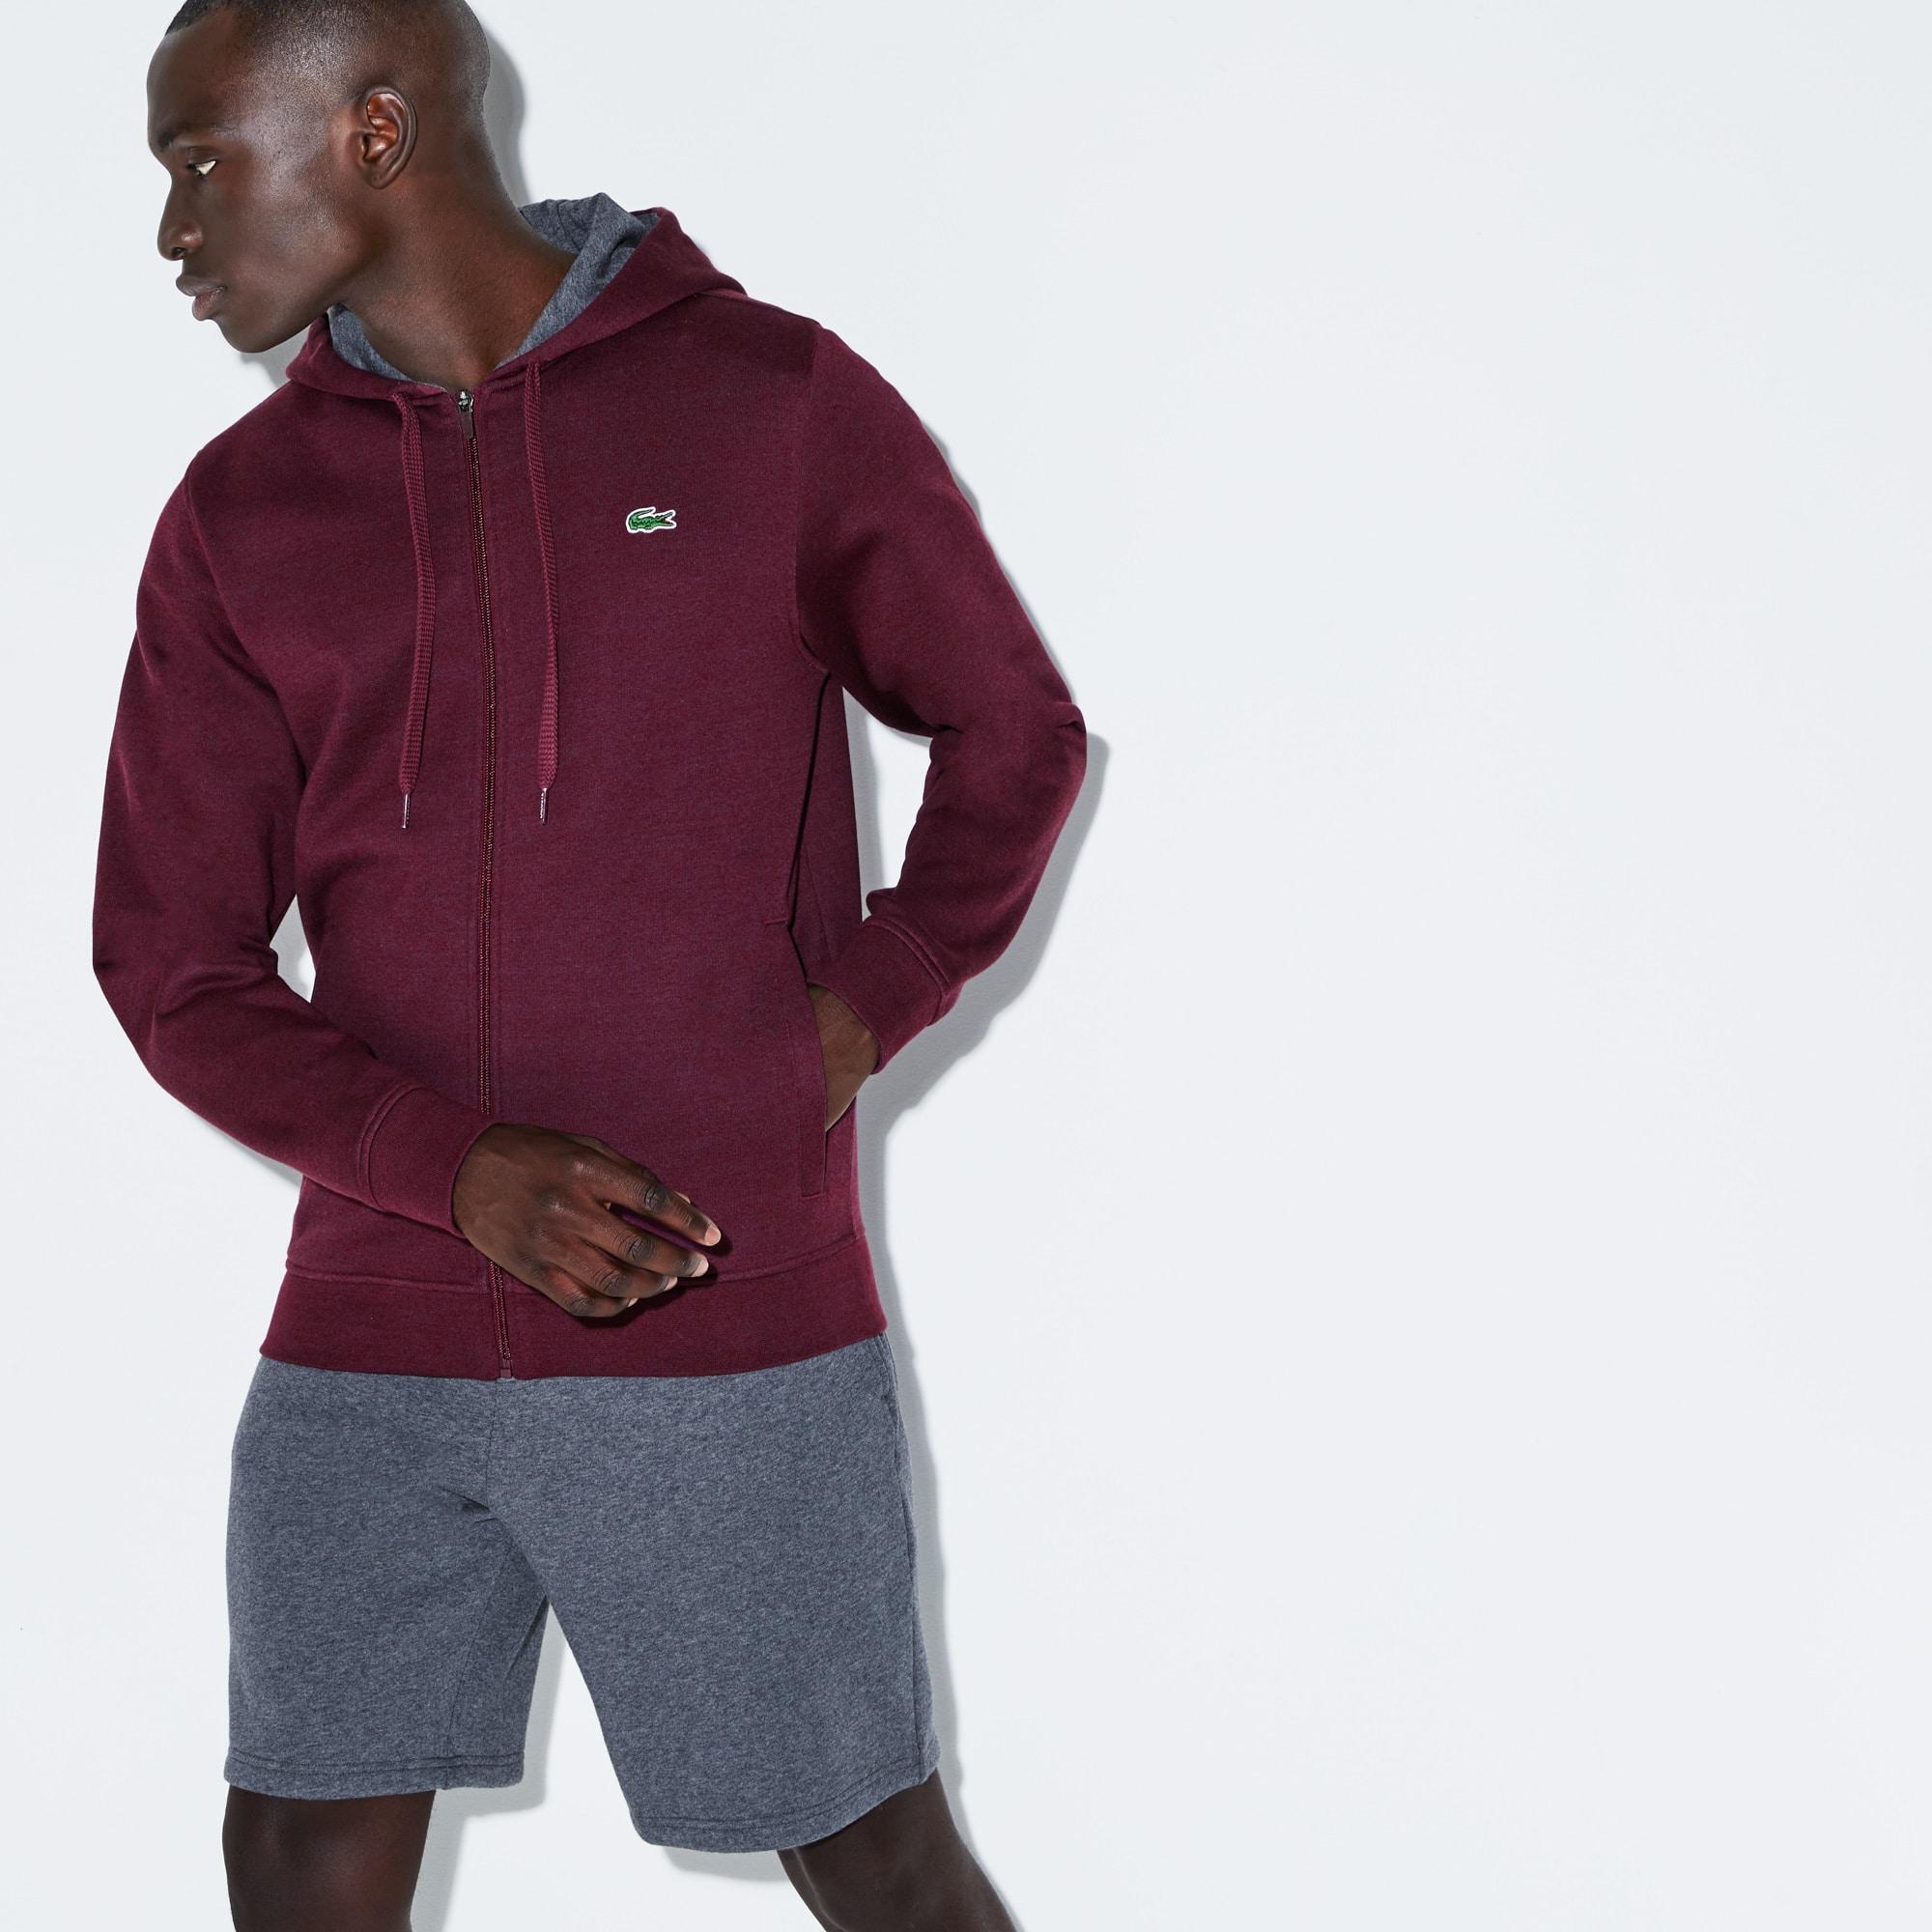 Lacoste SPORT tennissweater van effen molton met rits en capuchon